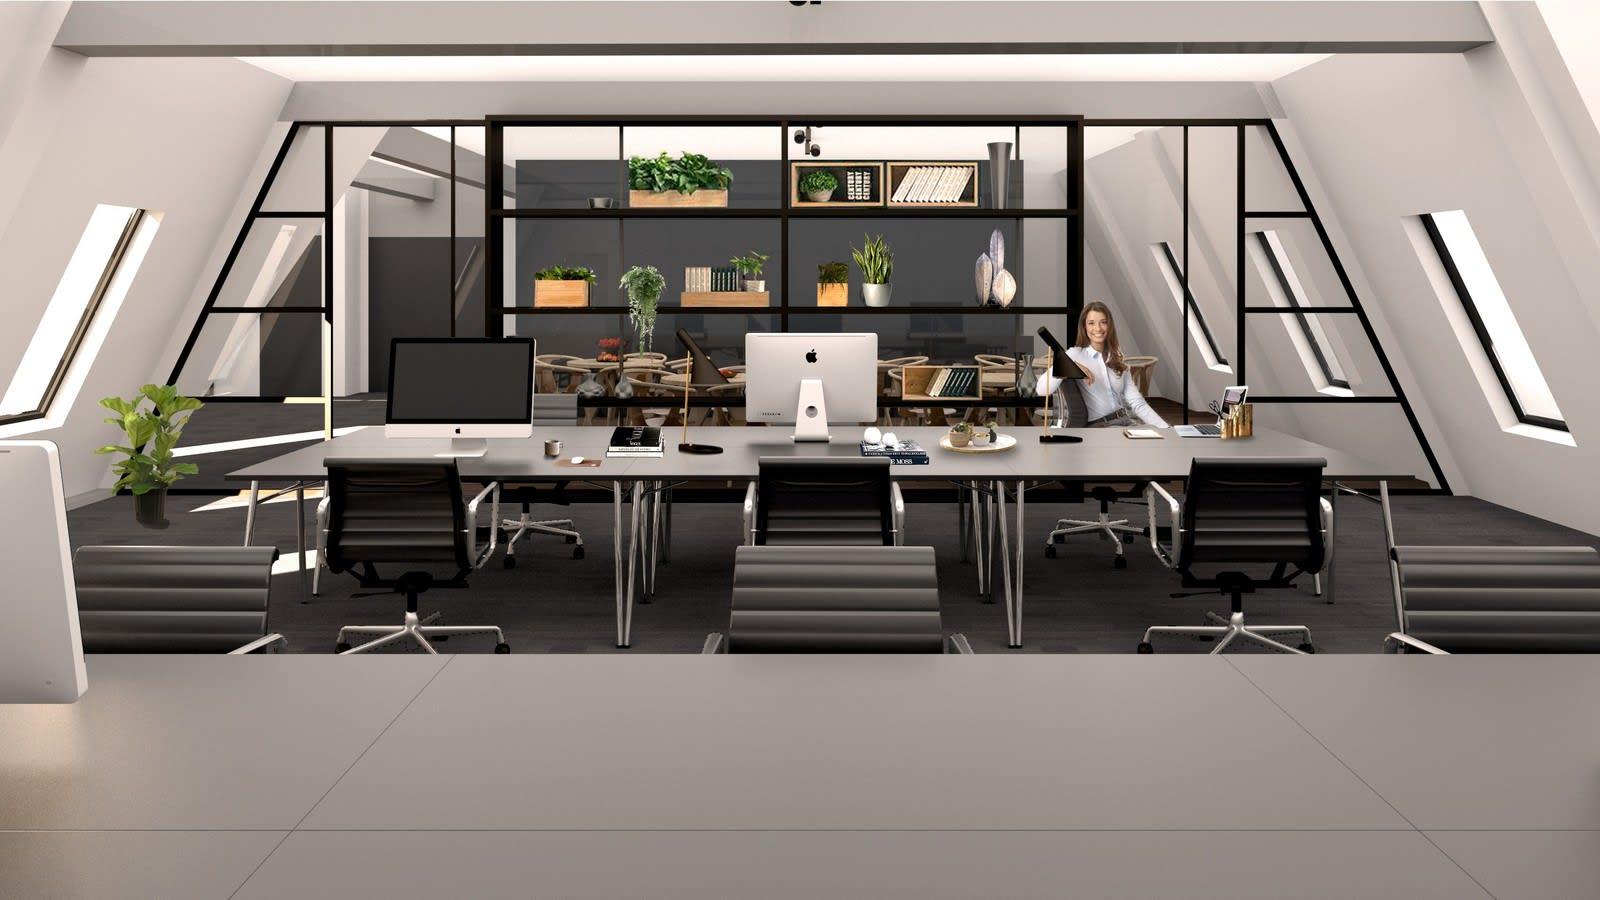 Plan 7 - Særegne lokaler i eiendommens øverste etasje. Lokalene leveres med kreativt og urbant preg (Illustrasjonsbilde).